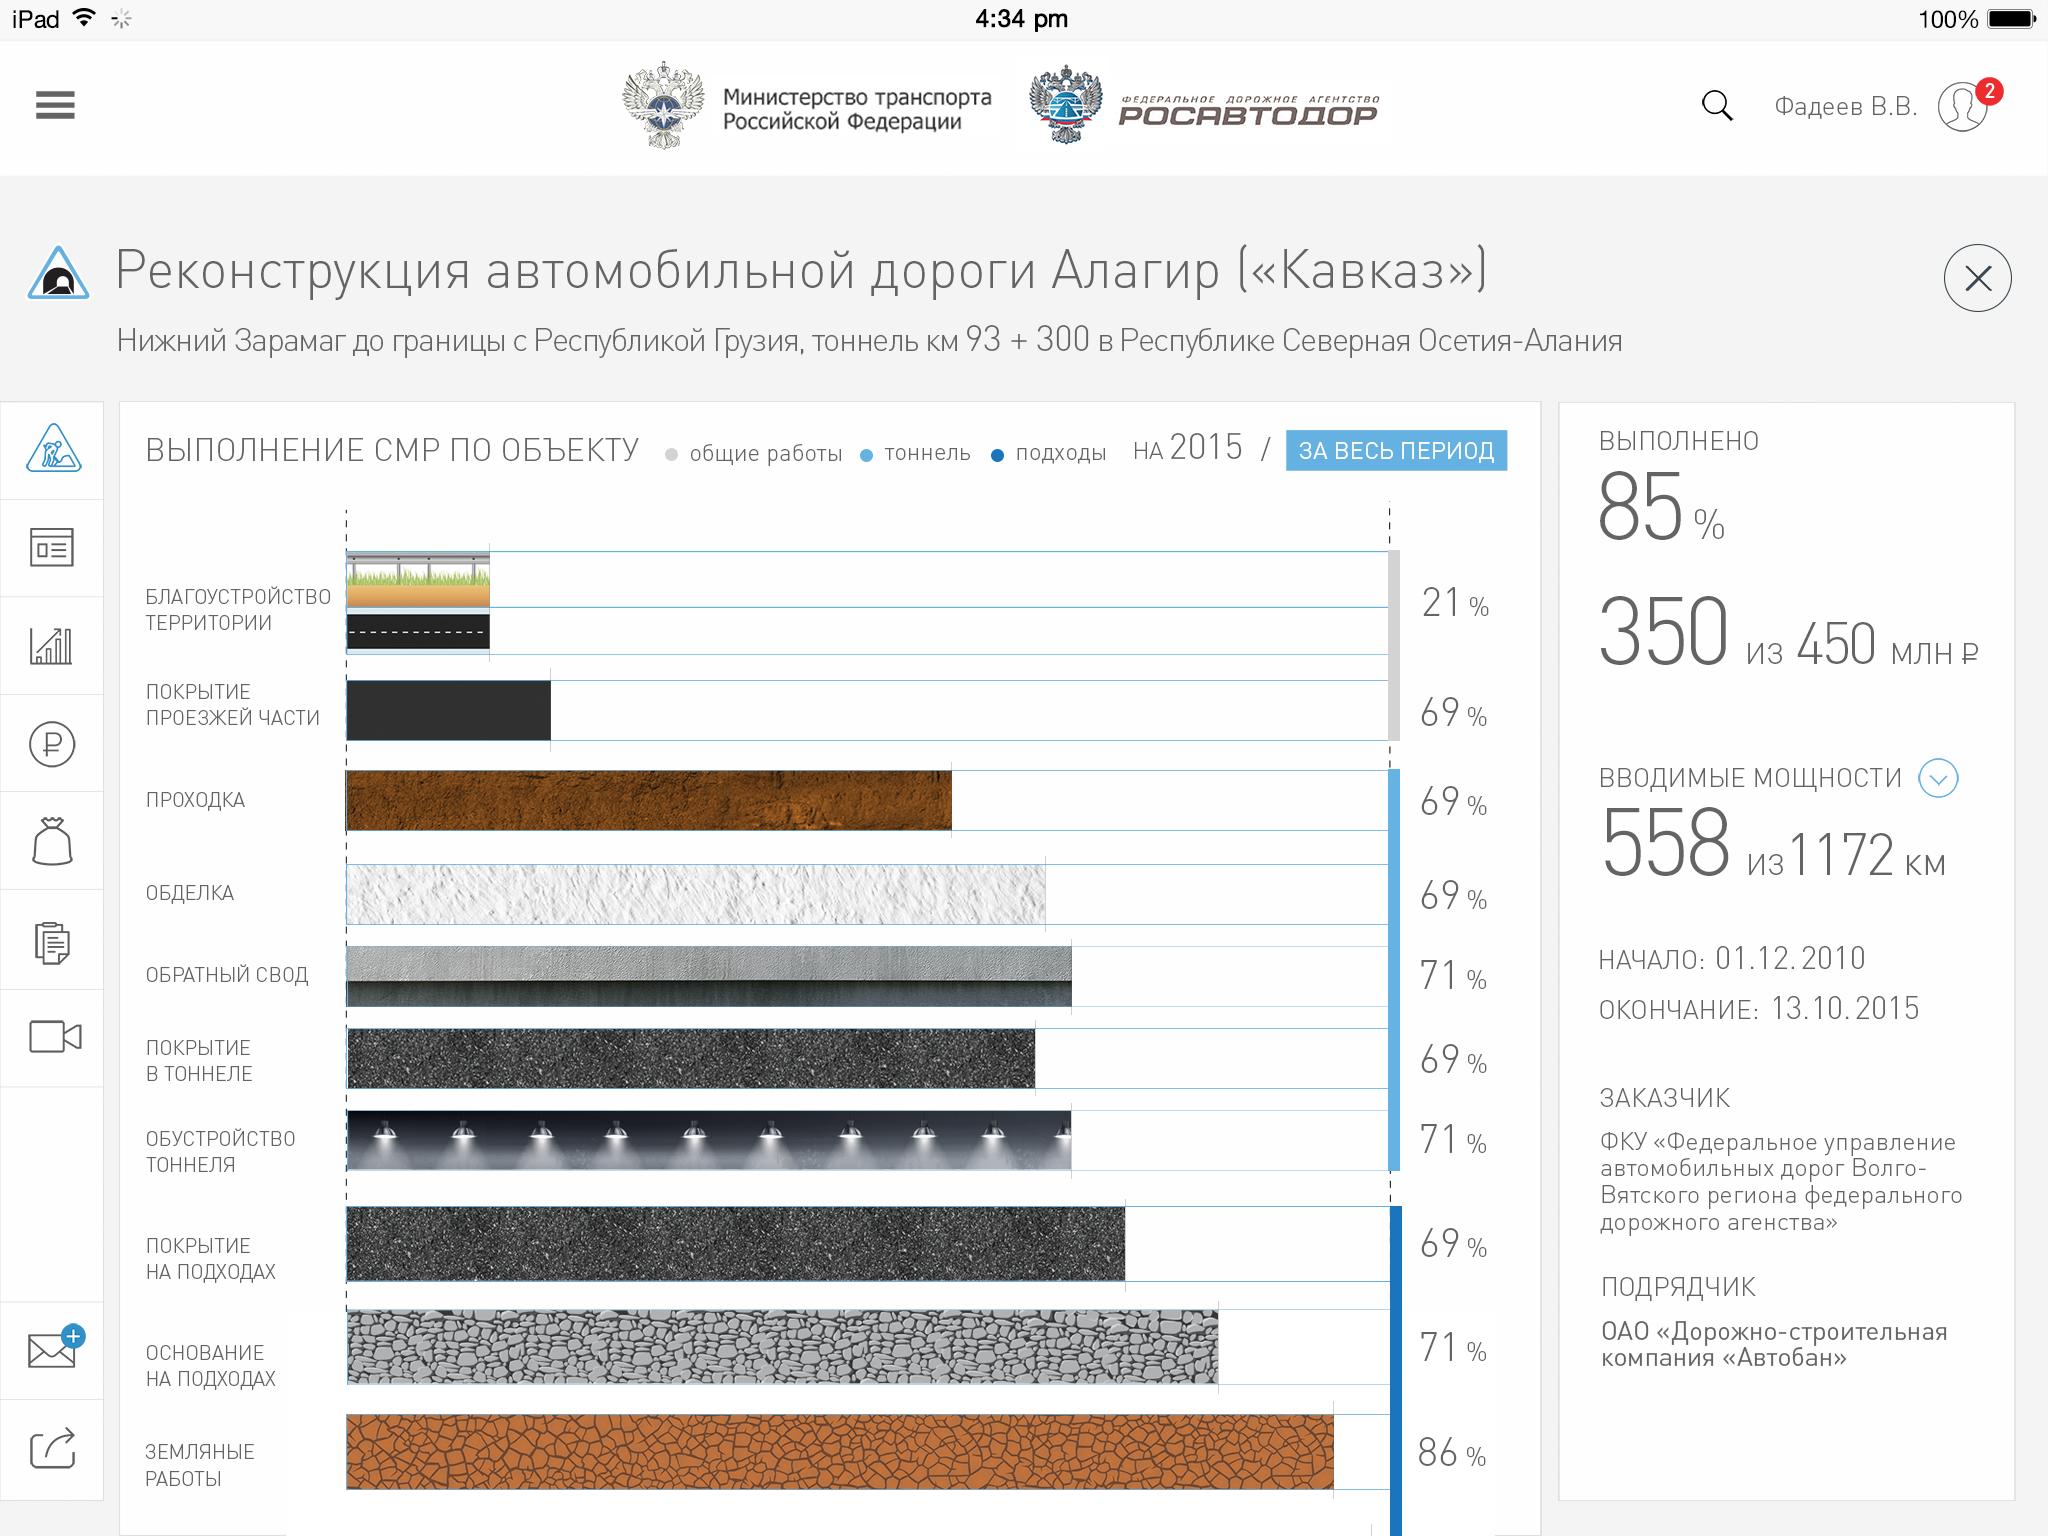 Аналитическая система о состоянии текущих работ на дорогах России